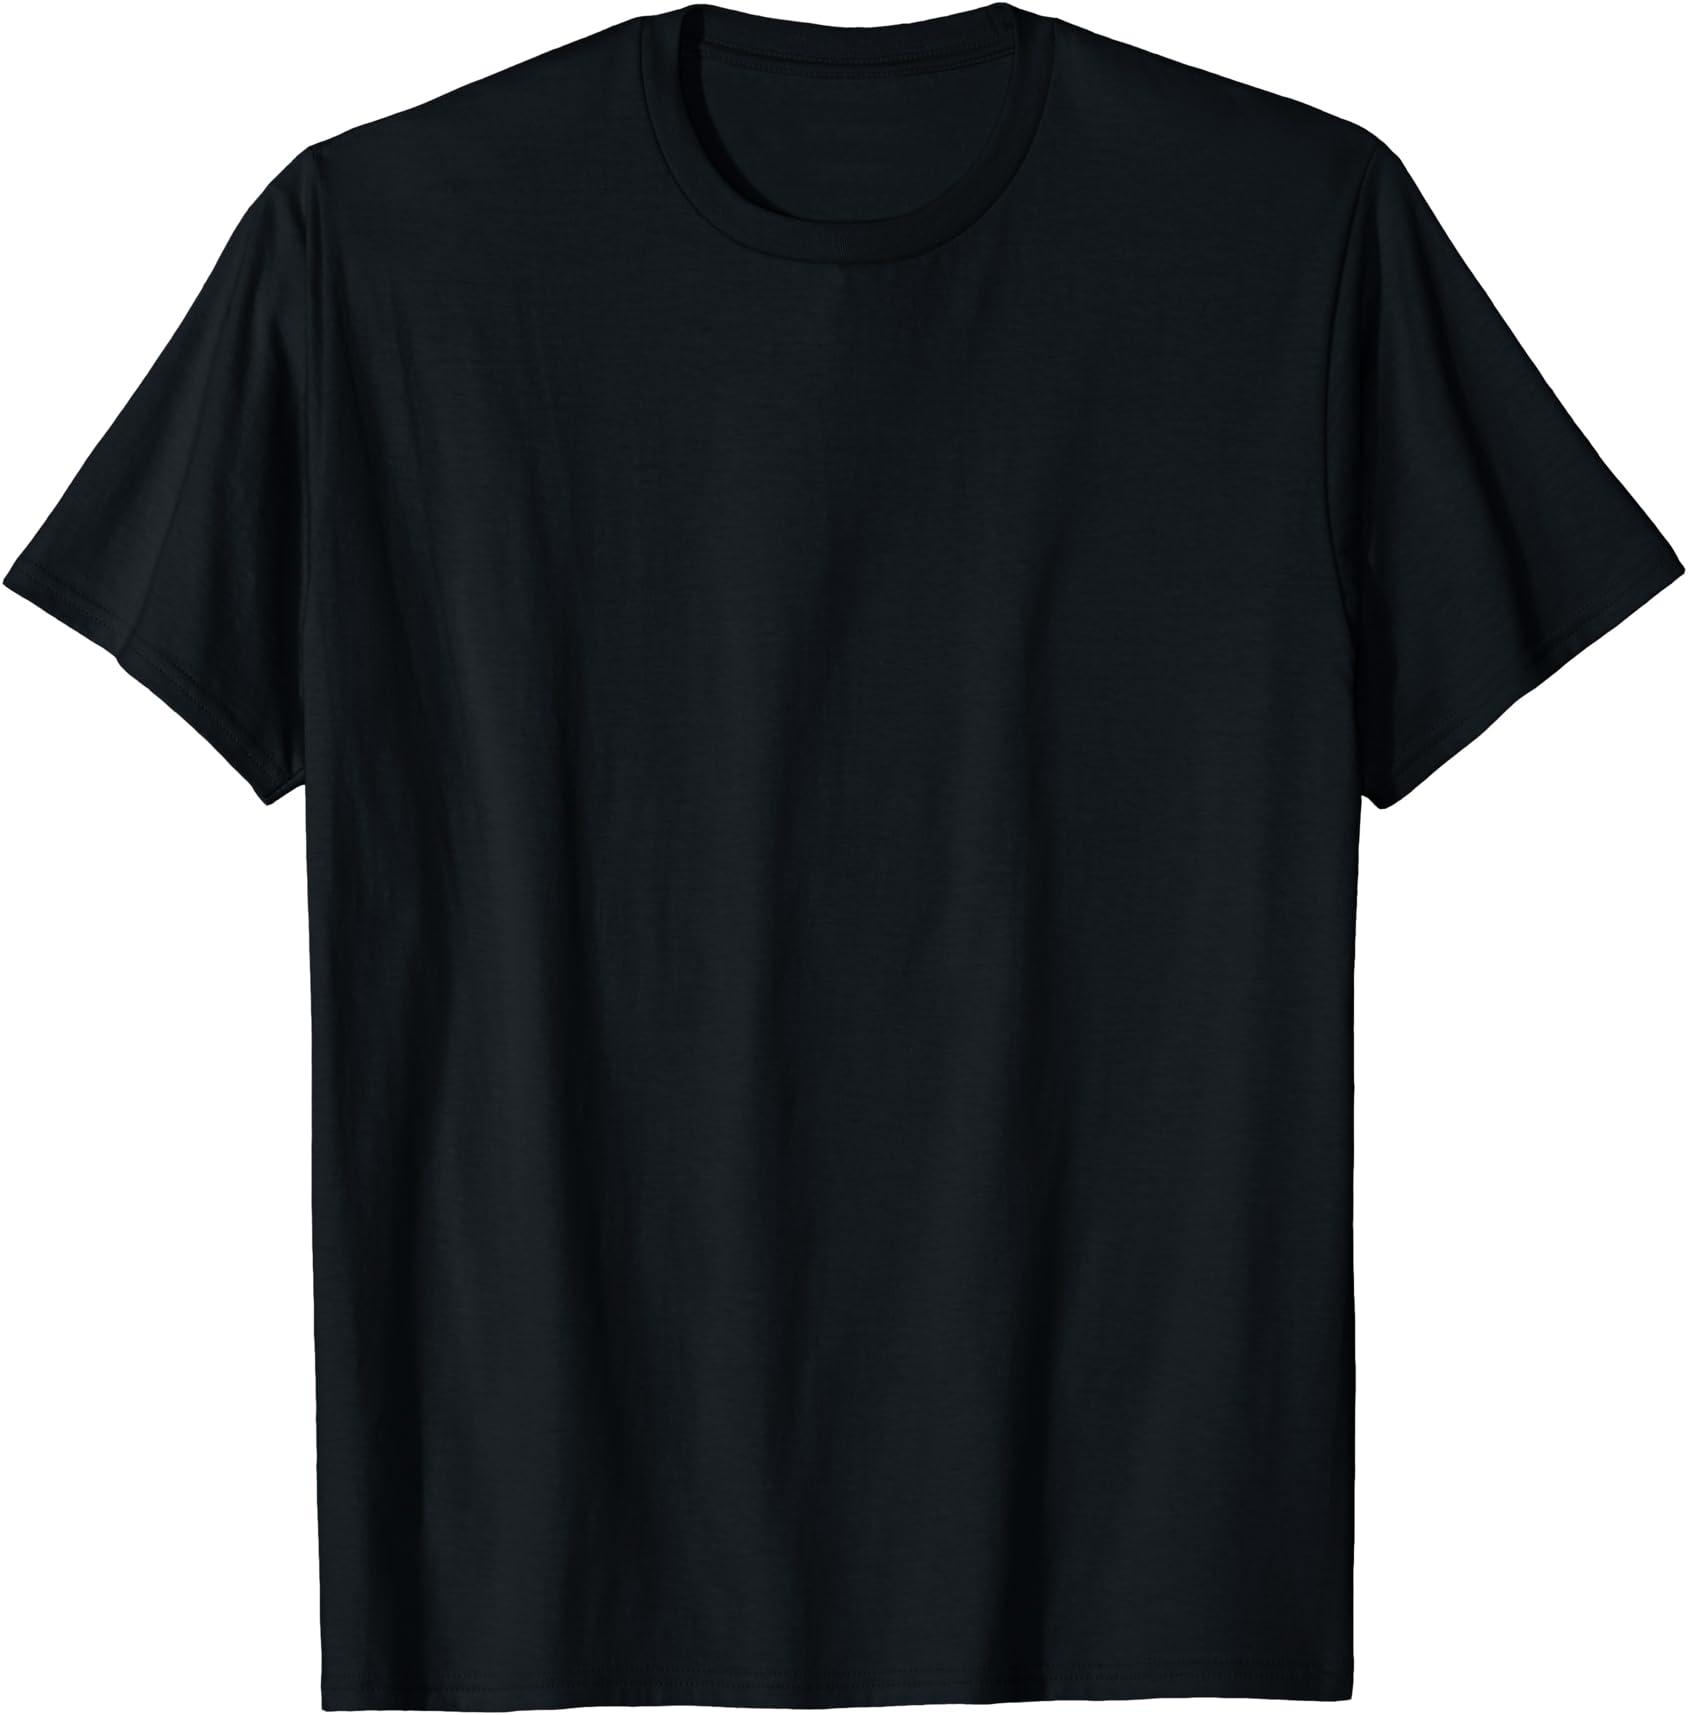 Black XL 30th Birthday Vintage 1989 Mens T-shirt